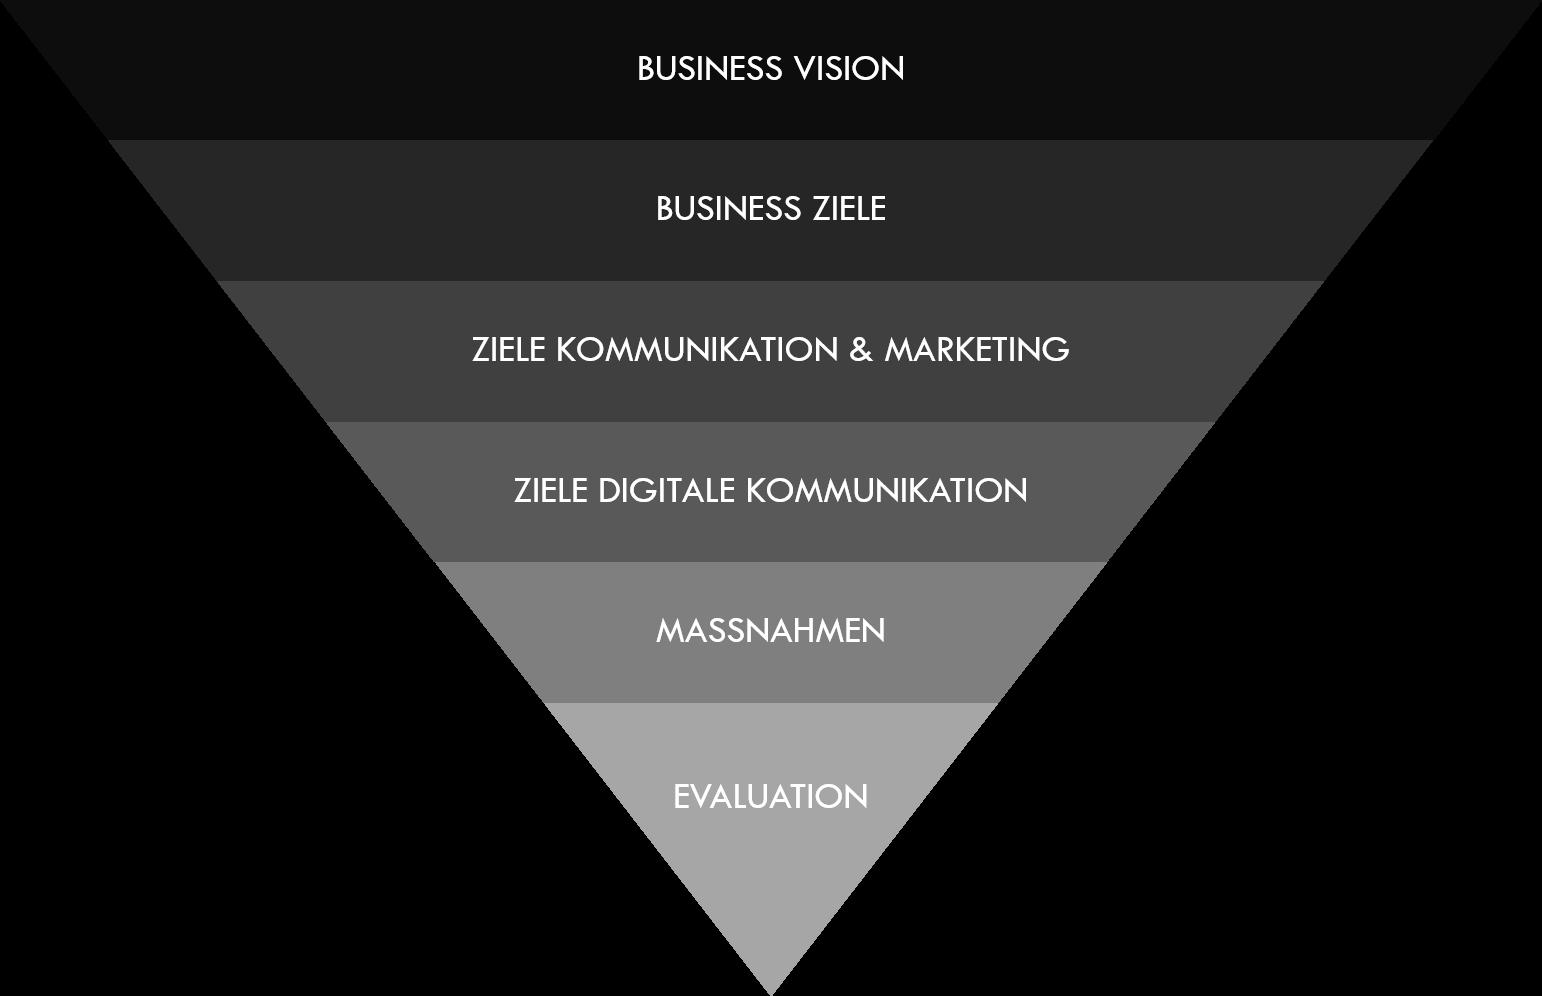 """Abbildung vom """"Digital Strategy Funnel"""", ein Orientierungs-Werkzeug, das die Vorgehensweise für die Erabeitung eine Kommunikationsstratgie aufzeigt."""